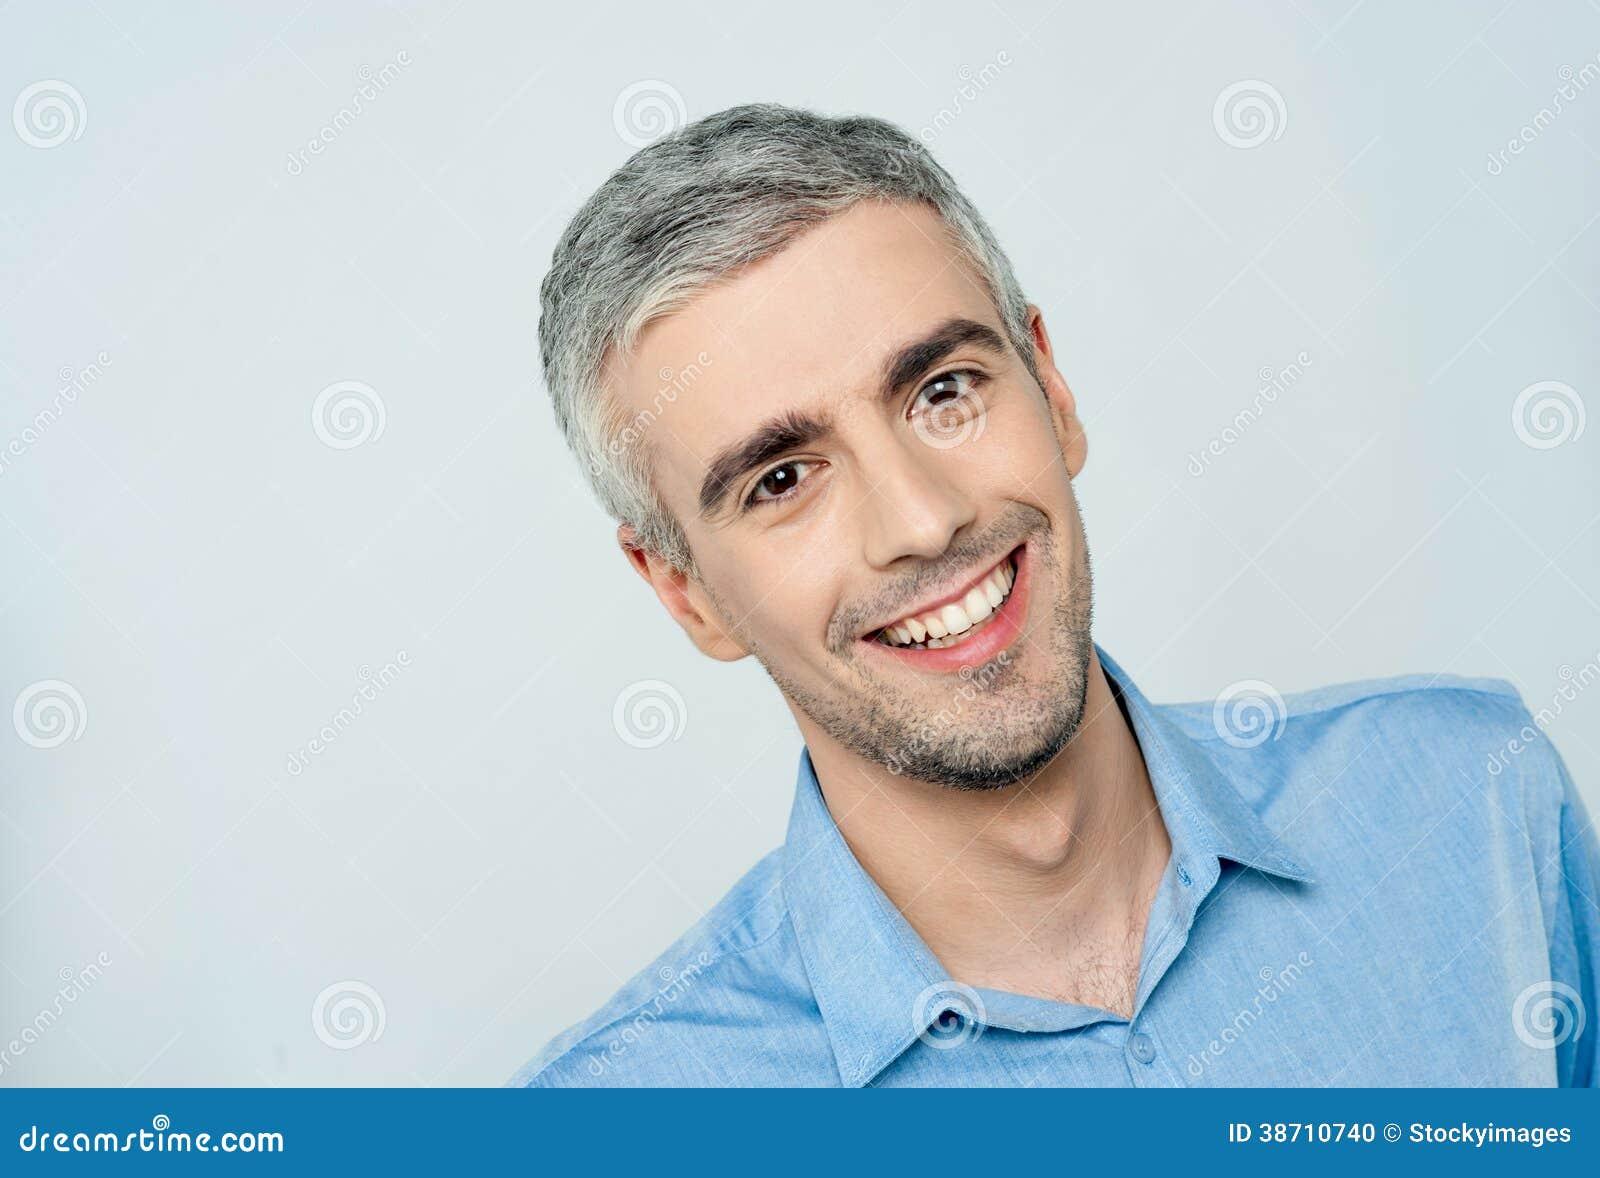 Portrait of a smart male model